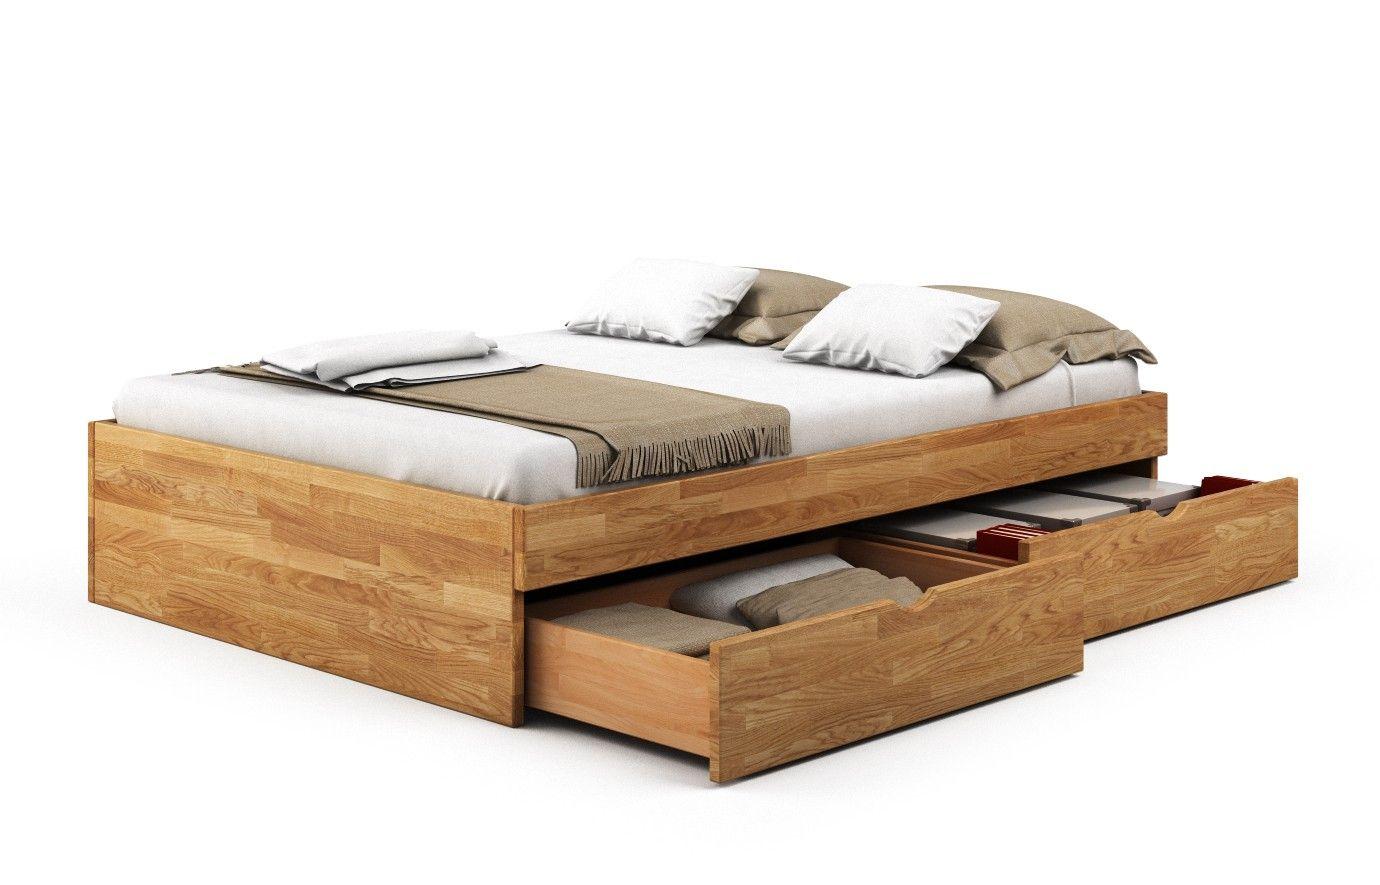 Bett Eiche Budapest Massivholz Pv 140 X 200 Cm 2 Schubkästen Einseitig Nein Rustikales Bett Bett Massivholz Möbel Für Kleine Wohnungen